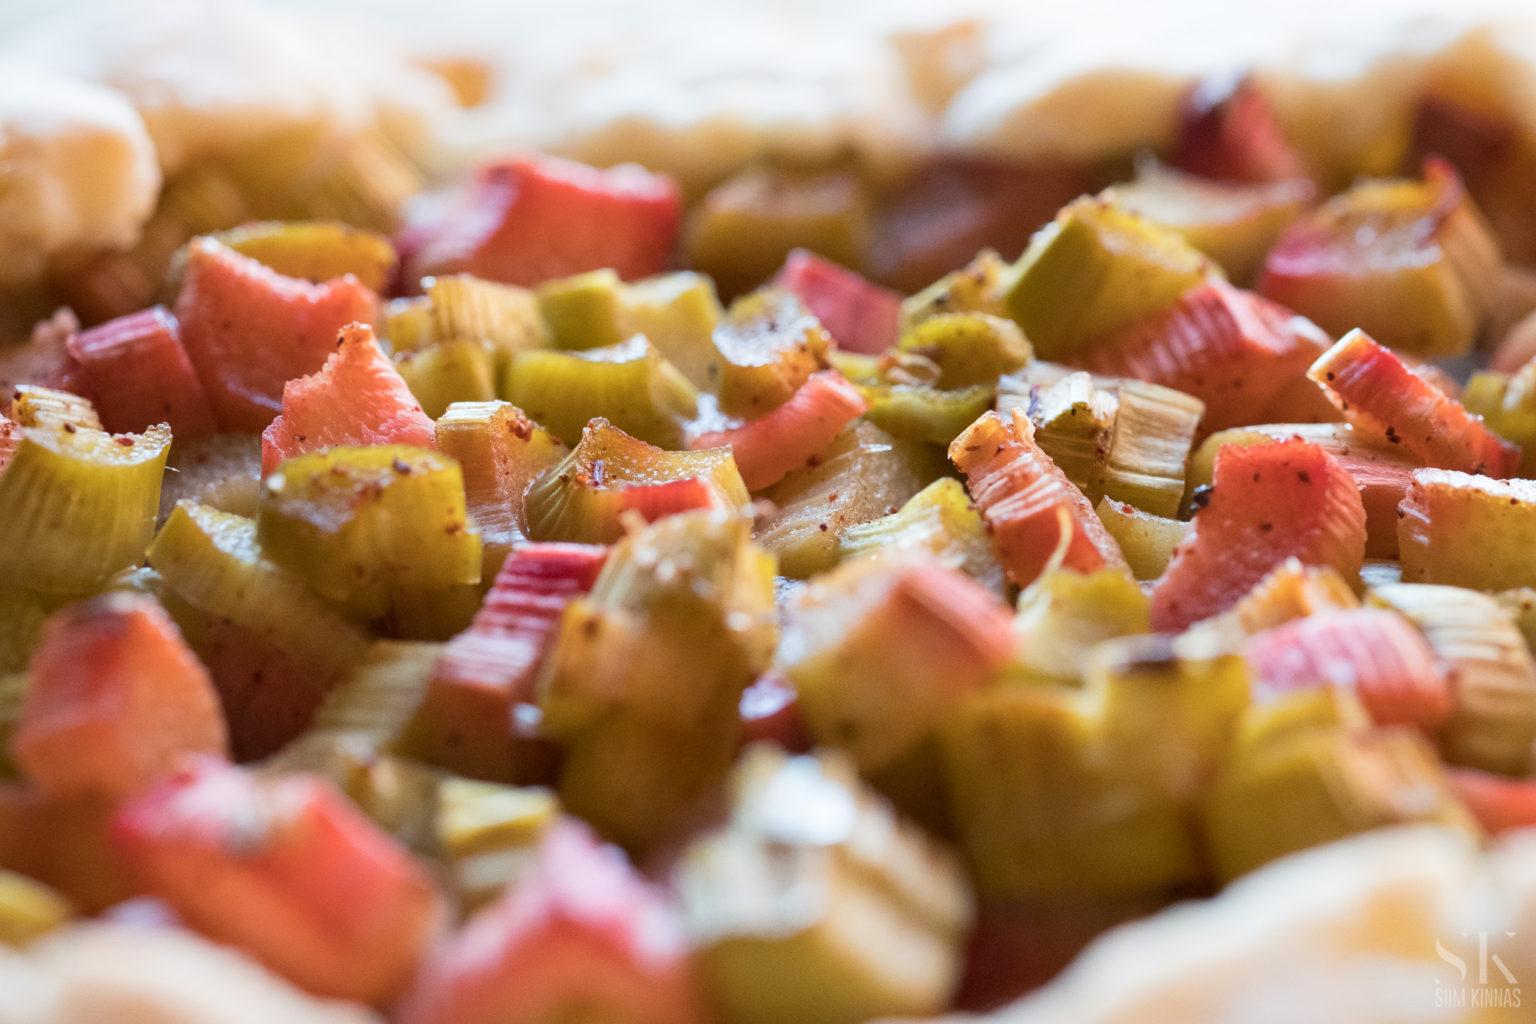 A scrumptious rhubarb galette